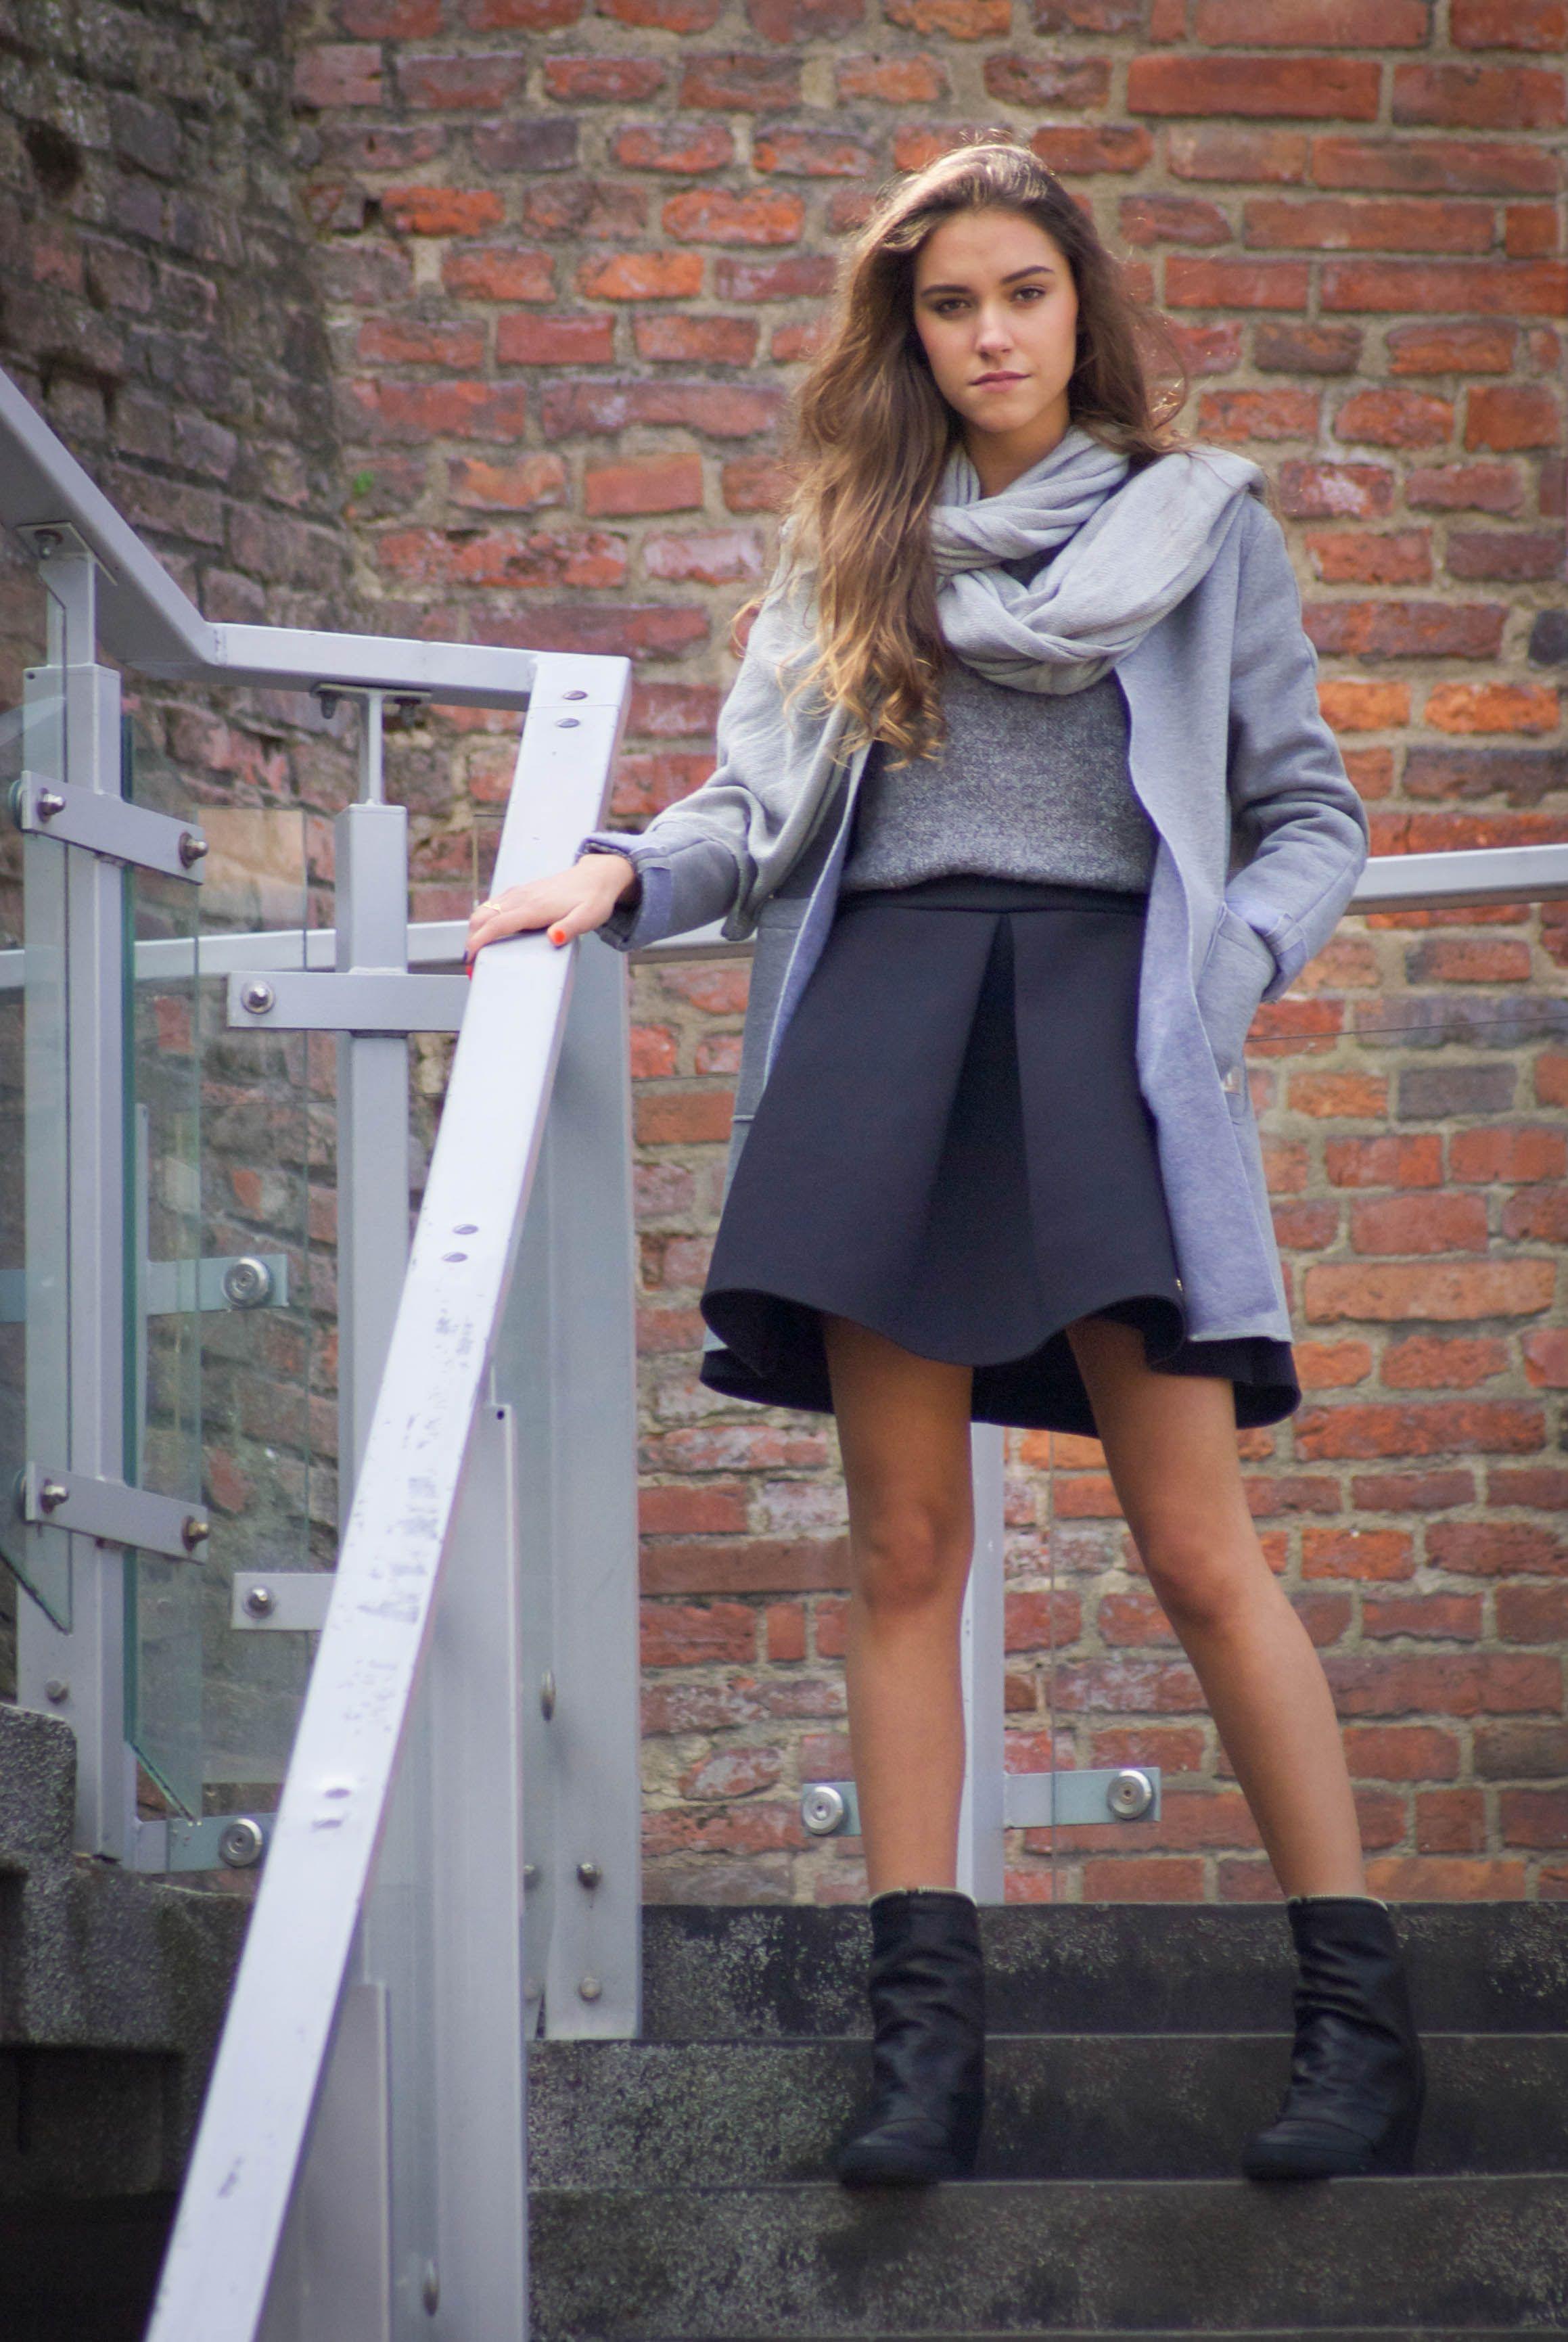 Idealna Stylizacja Na Jesien Czarna Spodnica O La La Z Pianki Szary Sweter Lekki Plaszcz I Miekki Szary Szalik Wszystko Znajdziesz Outfits Fashion Style